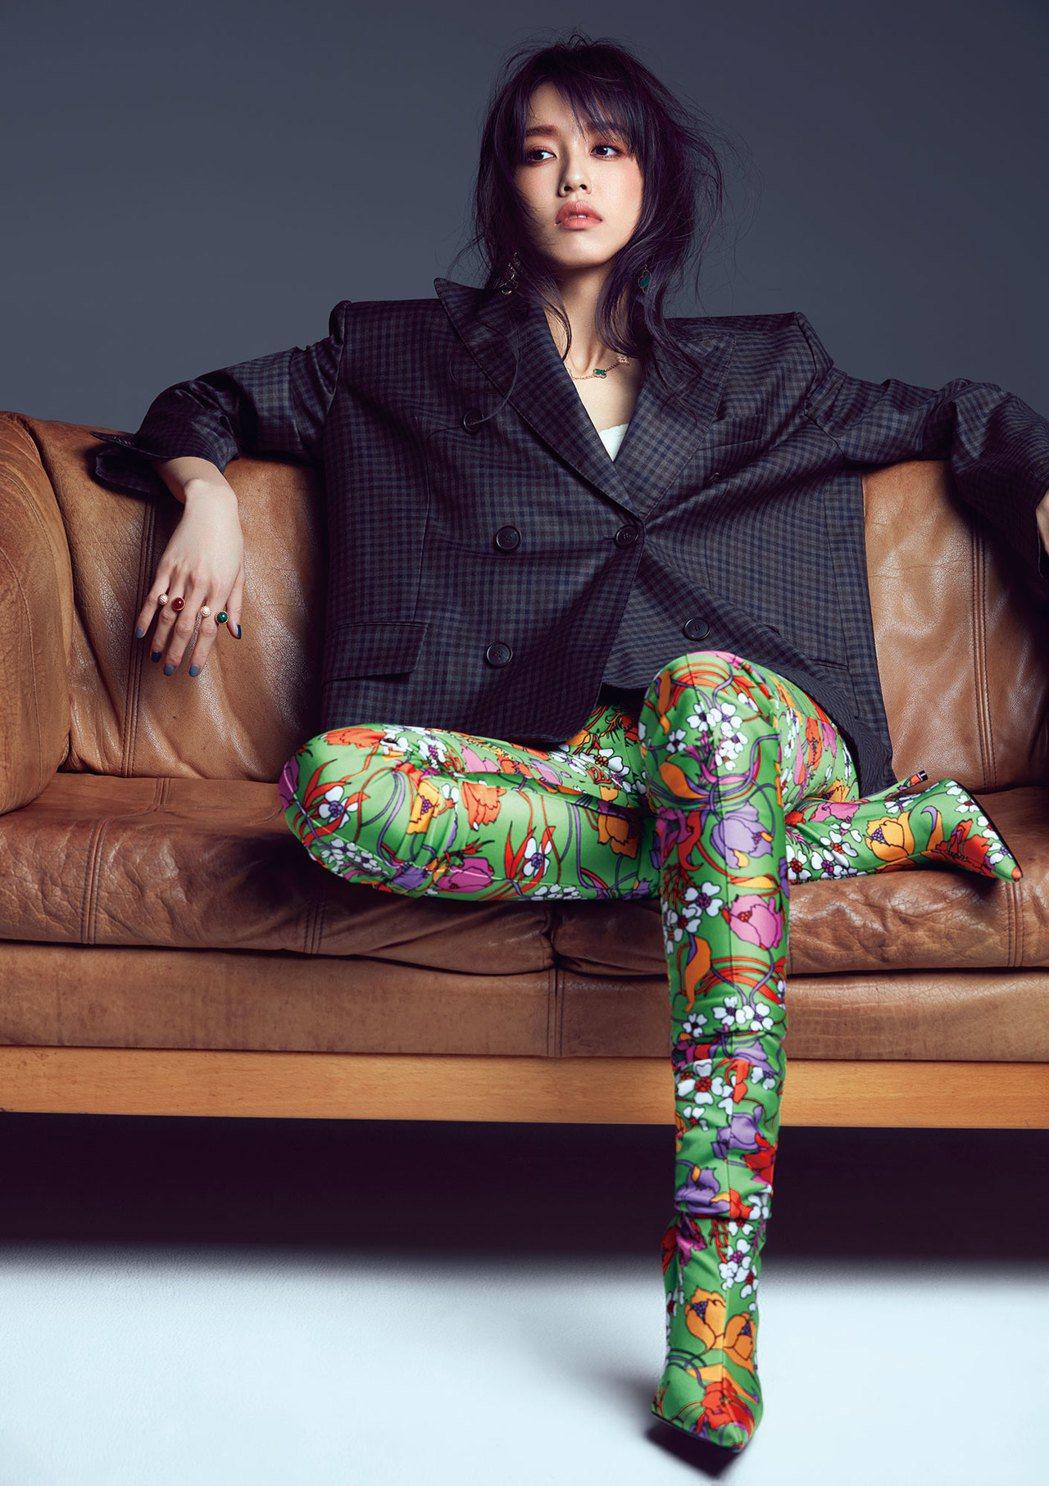 陳庭妮接受時尚雜誌訪問。圖/美麗佳人提供